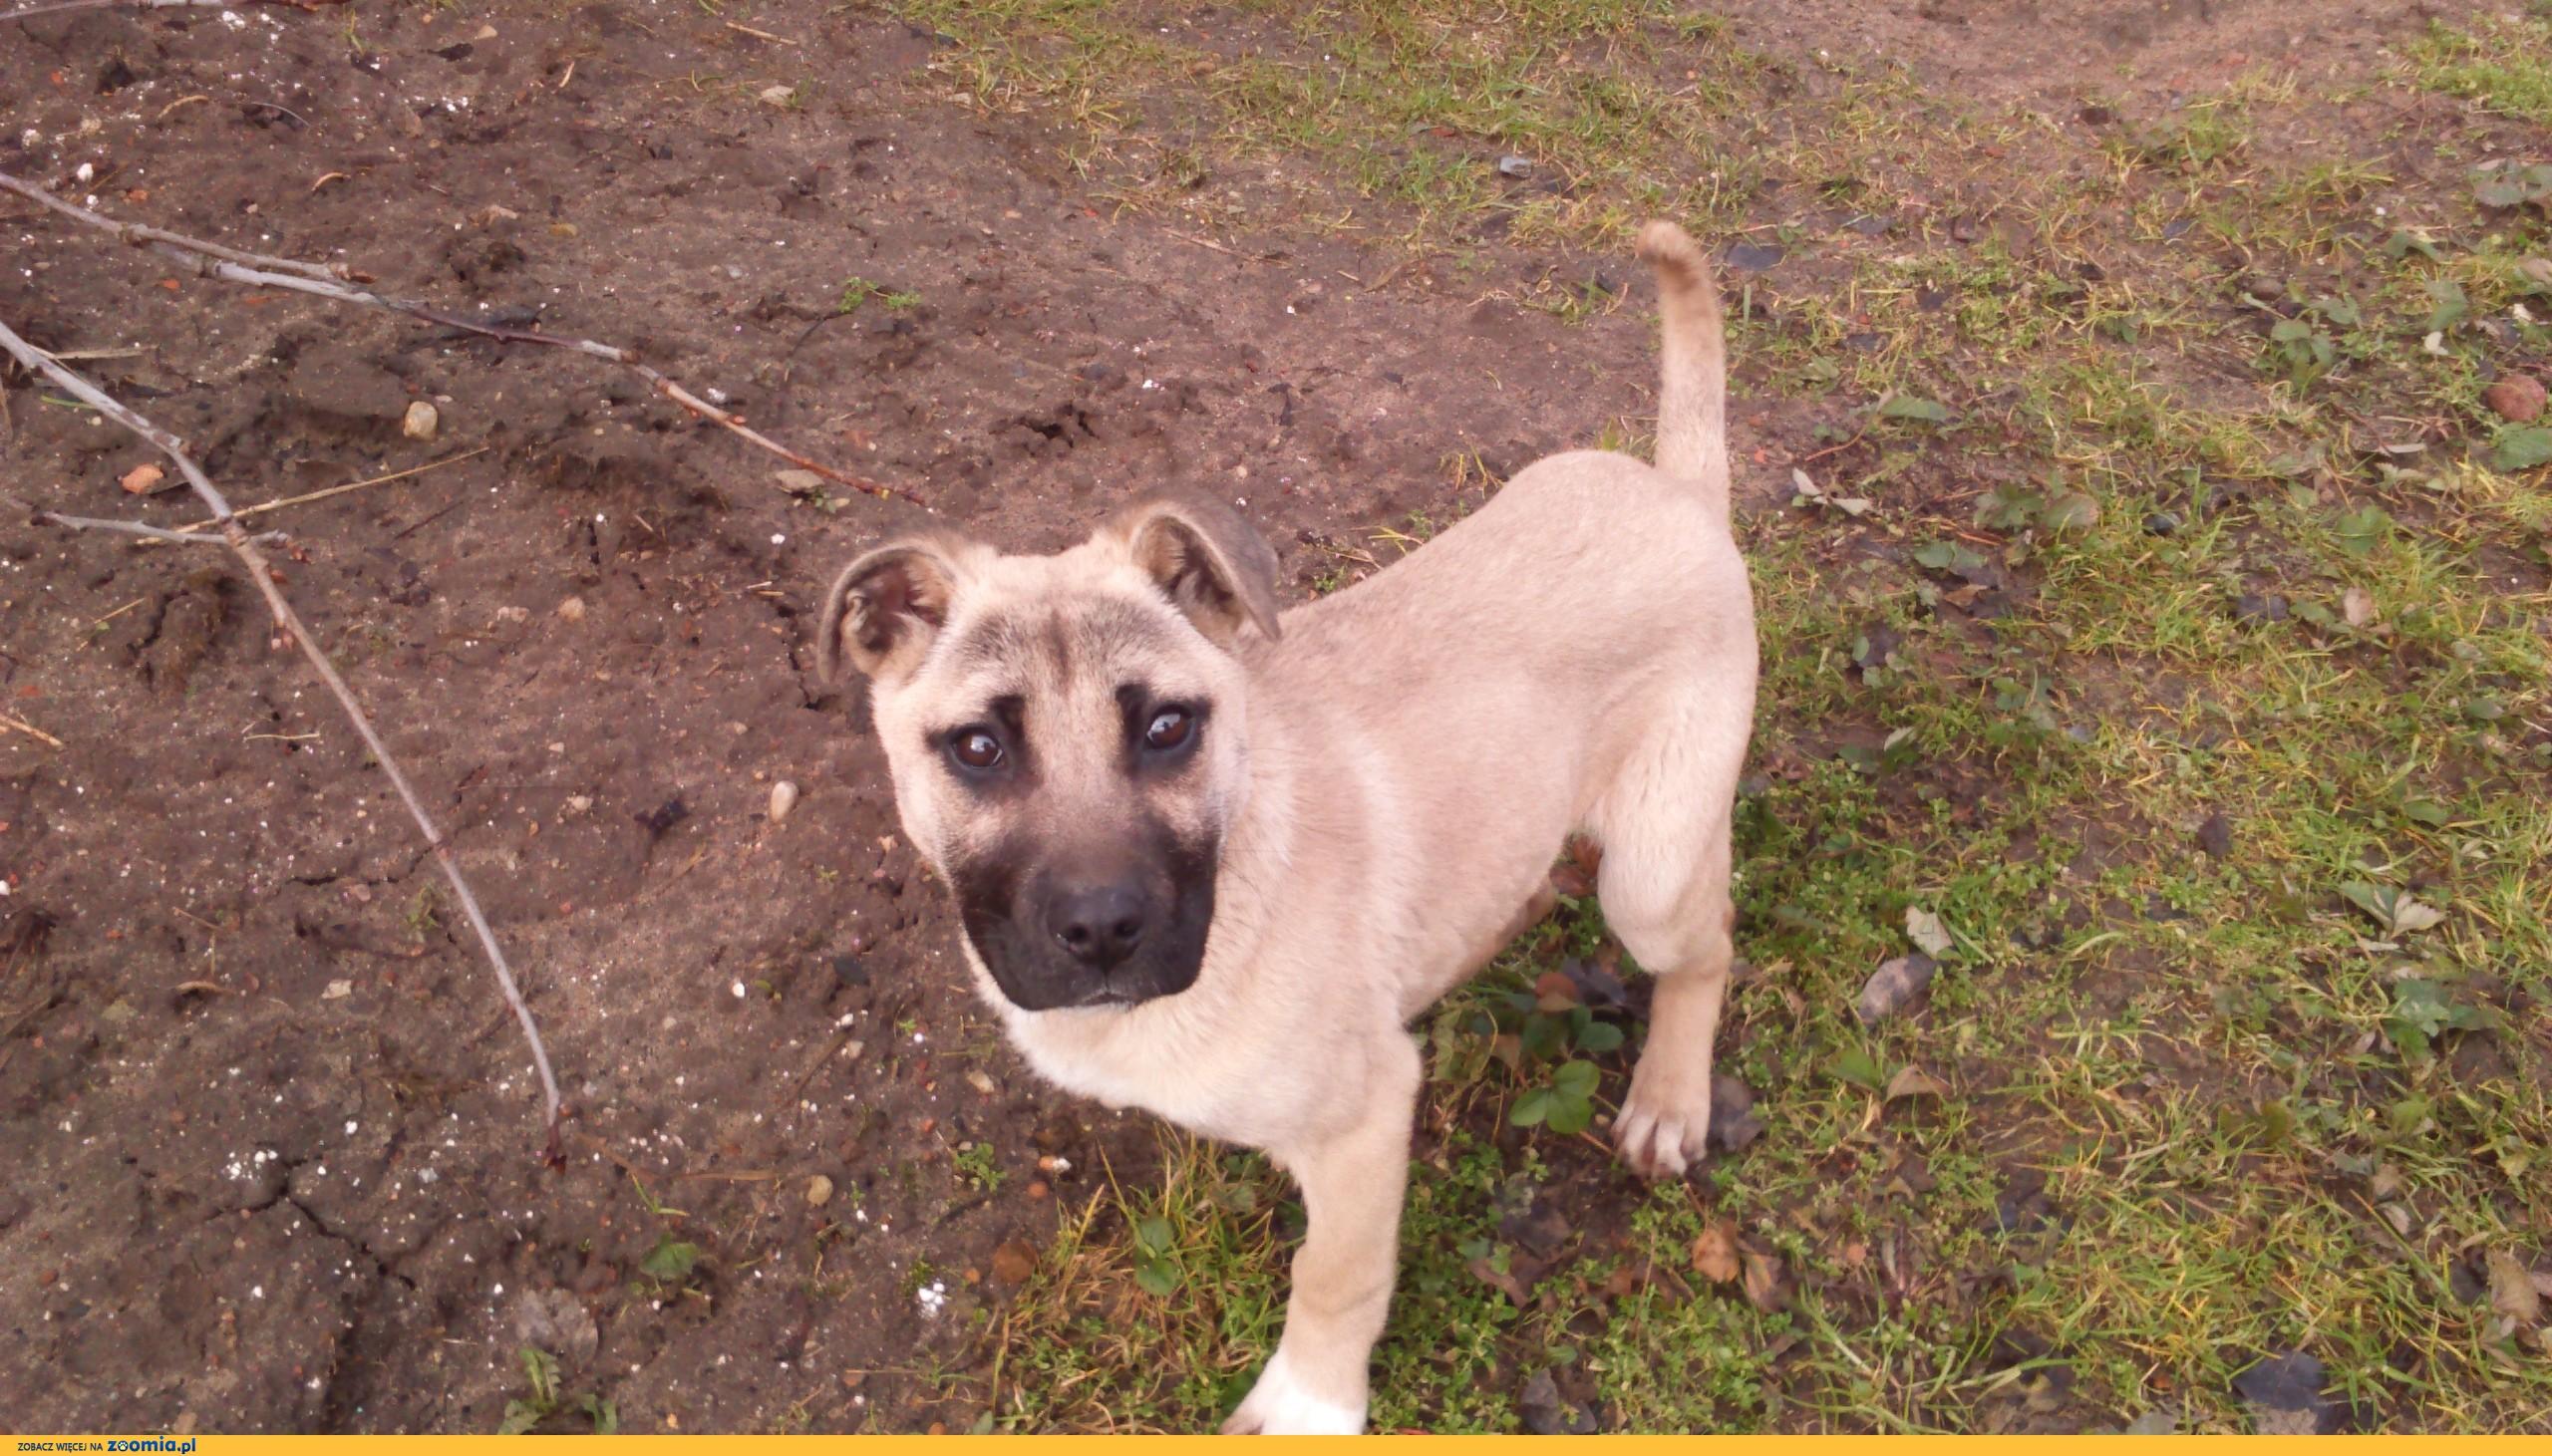 Nowość Ogłoszenia: oddam psa, oddam szczeniaka w typie Amstaff pl 1 JA45